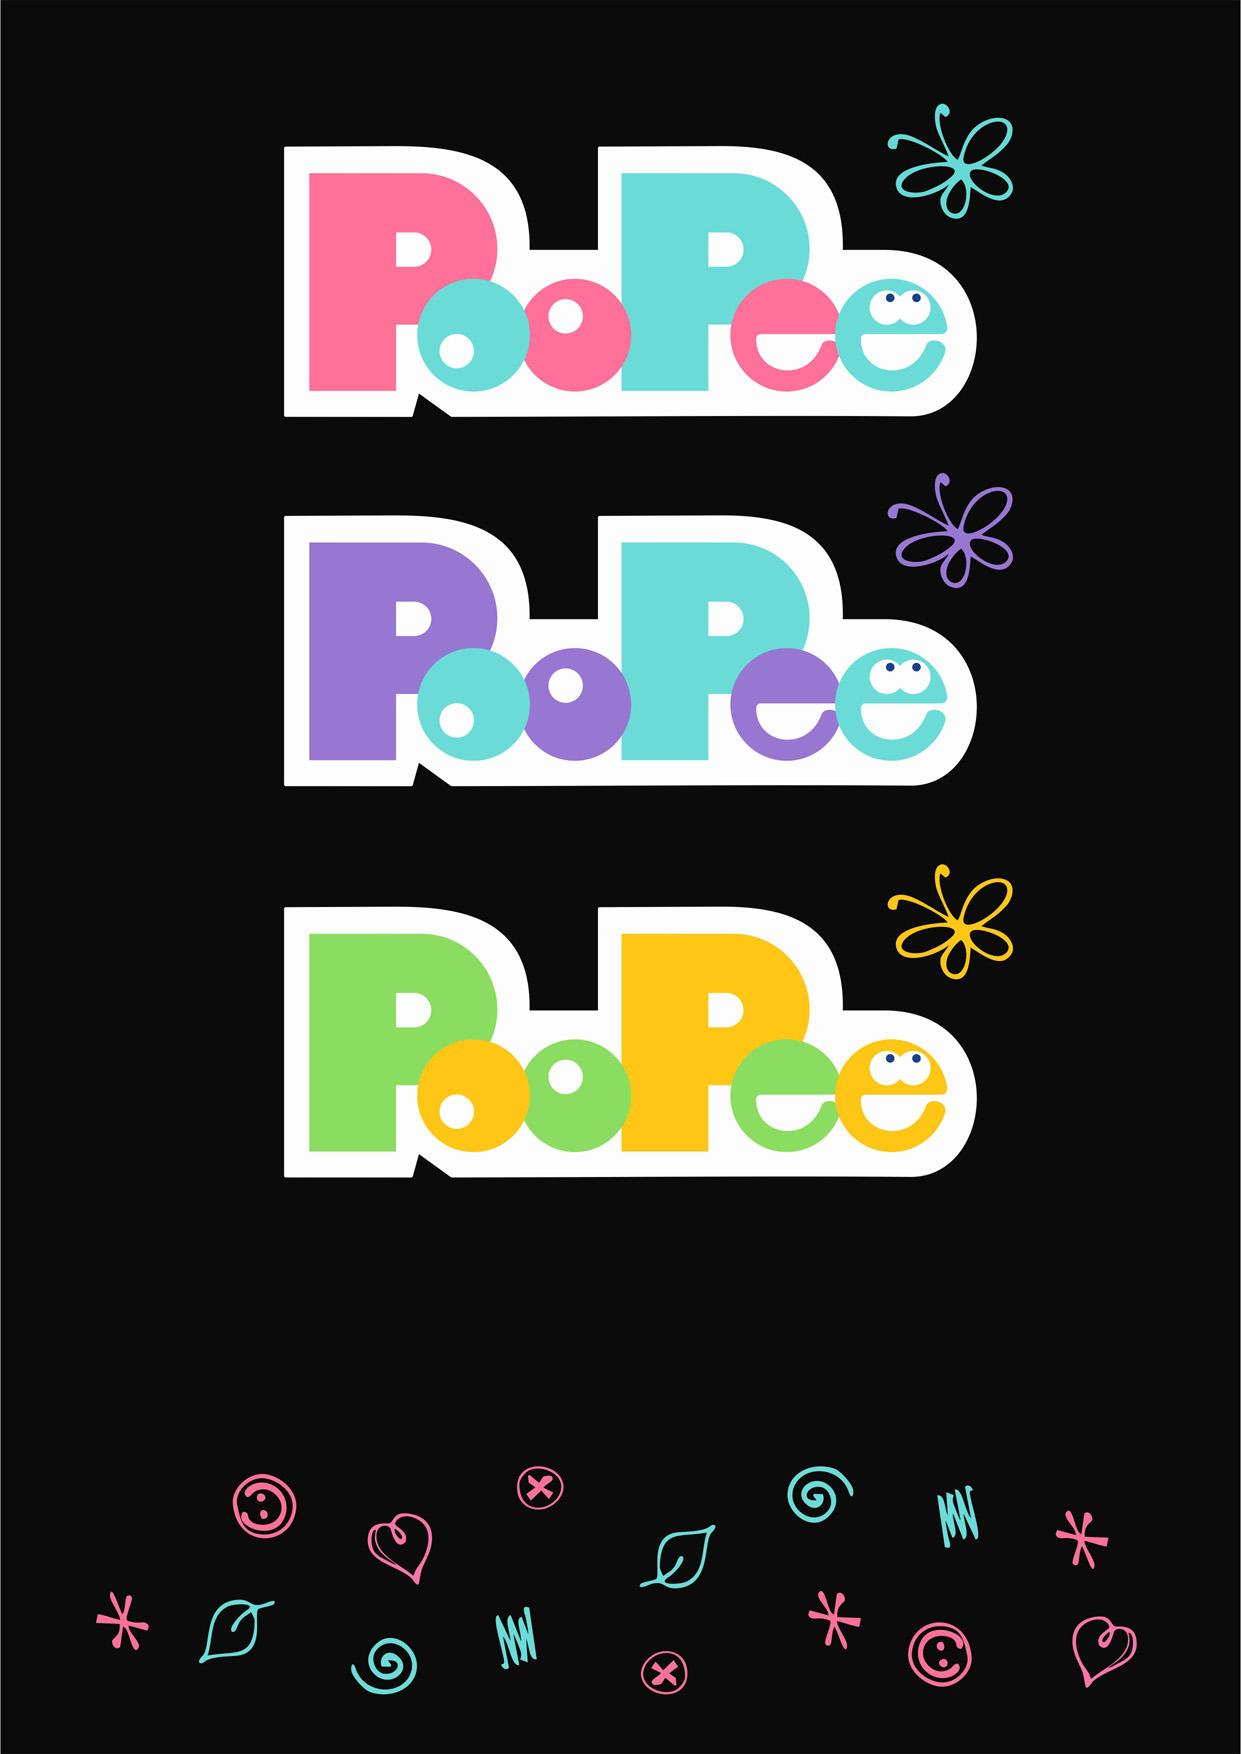 Разработка элементов фирменного стиля, логотипа и гайдлайна  фото f_9235ad9d95a74d21.jpg